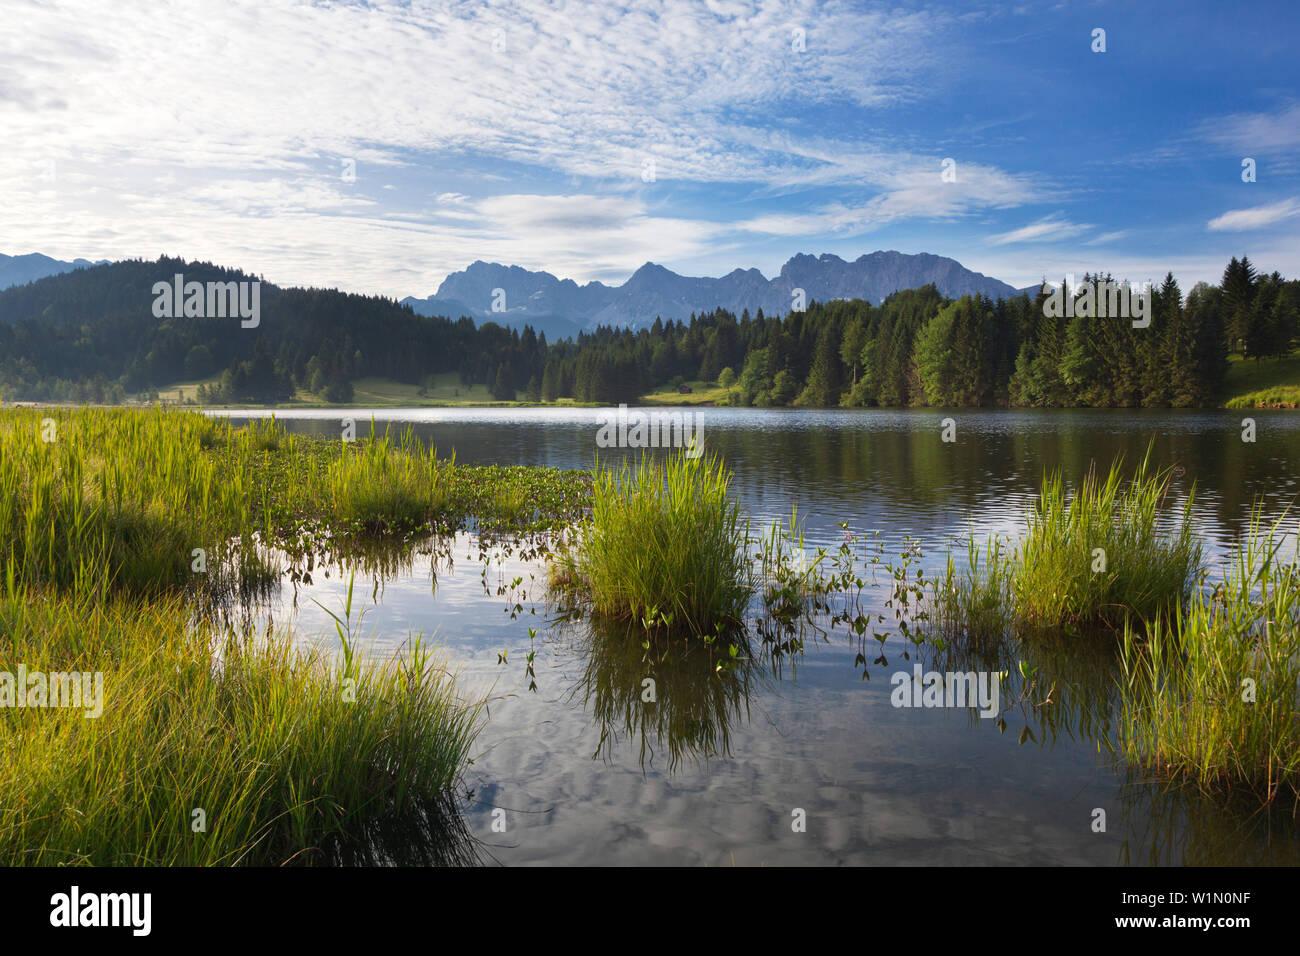 Geroldsee, view to Karwendel, Werdenfels region, Bavaria, Germany - Stock Image